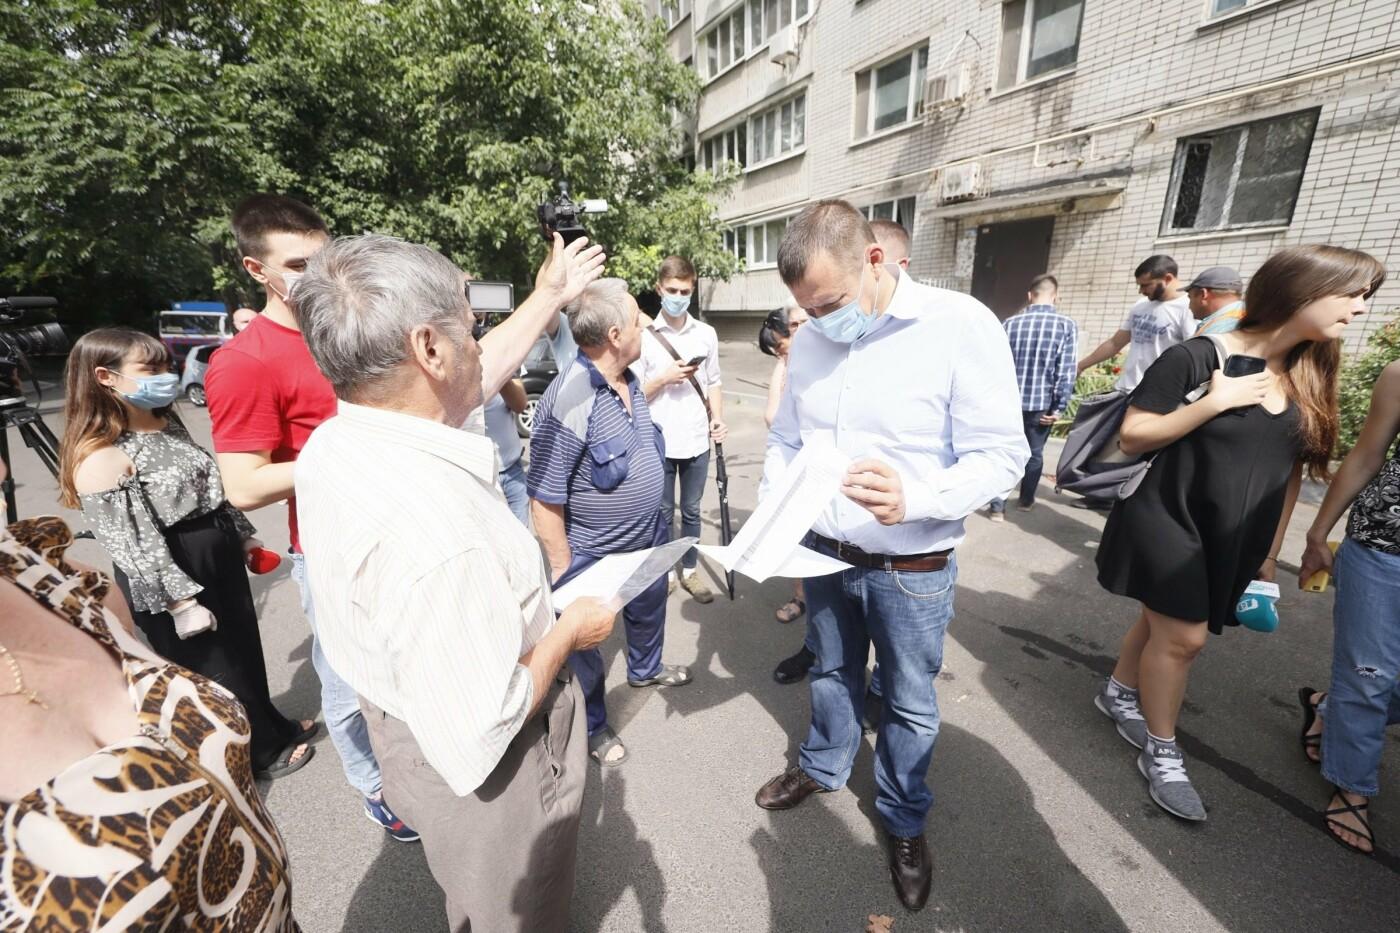 Борис Филатов: Контакт-центры Днепра являются передовой борьбой с коммунальными проблемами, фото-9